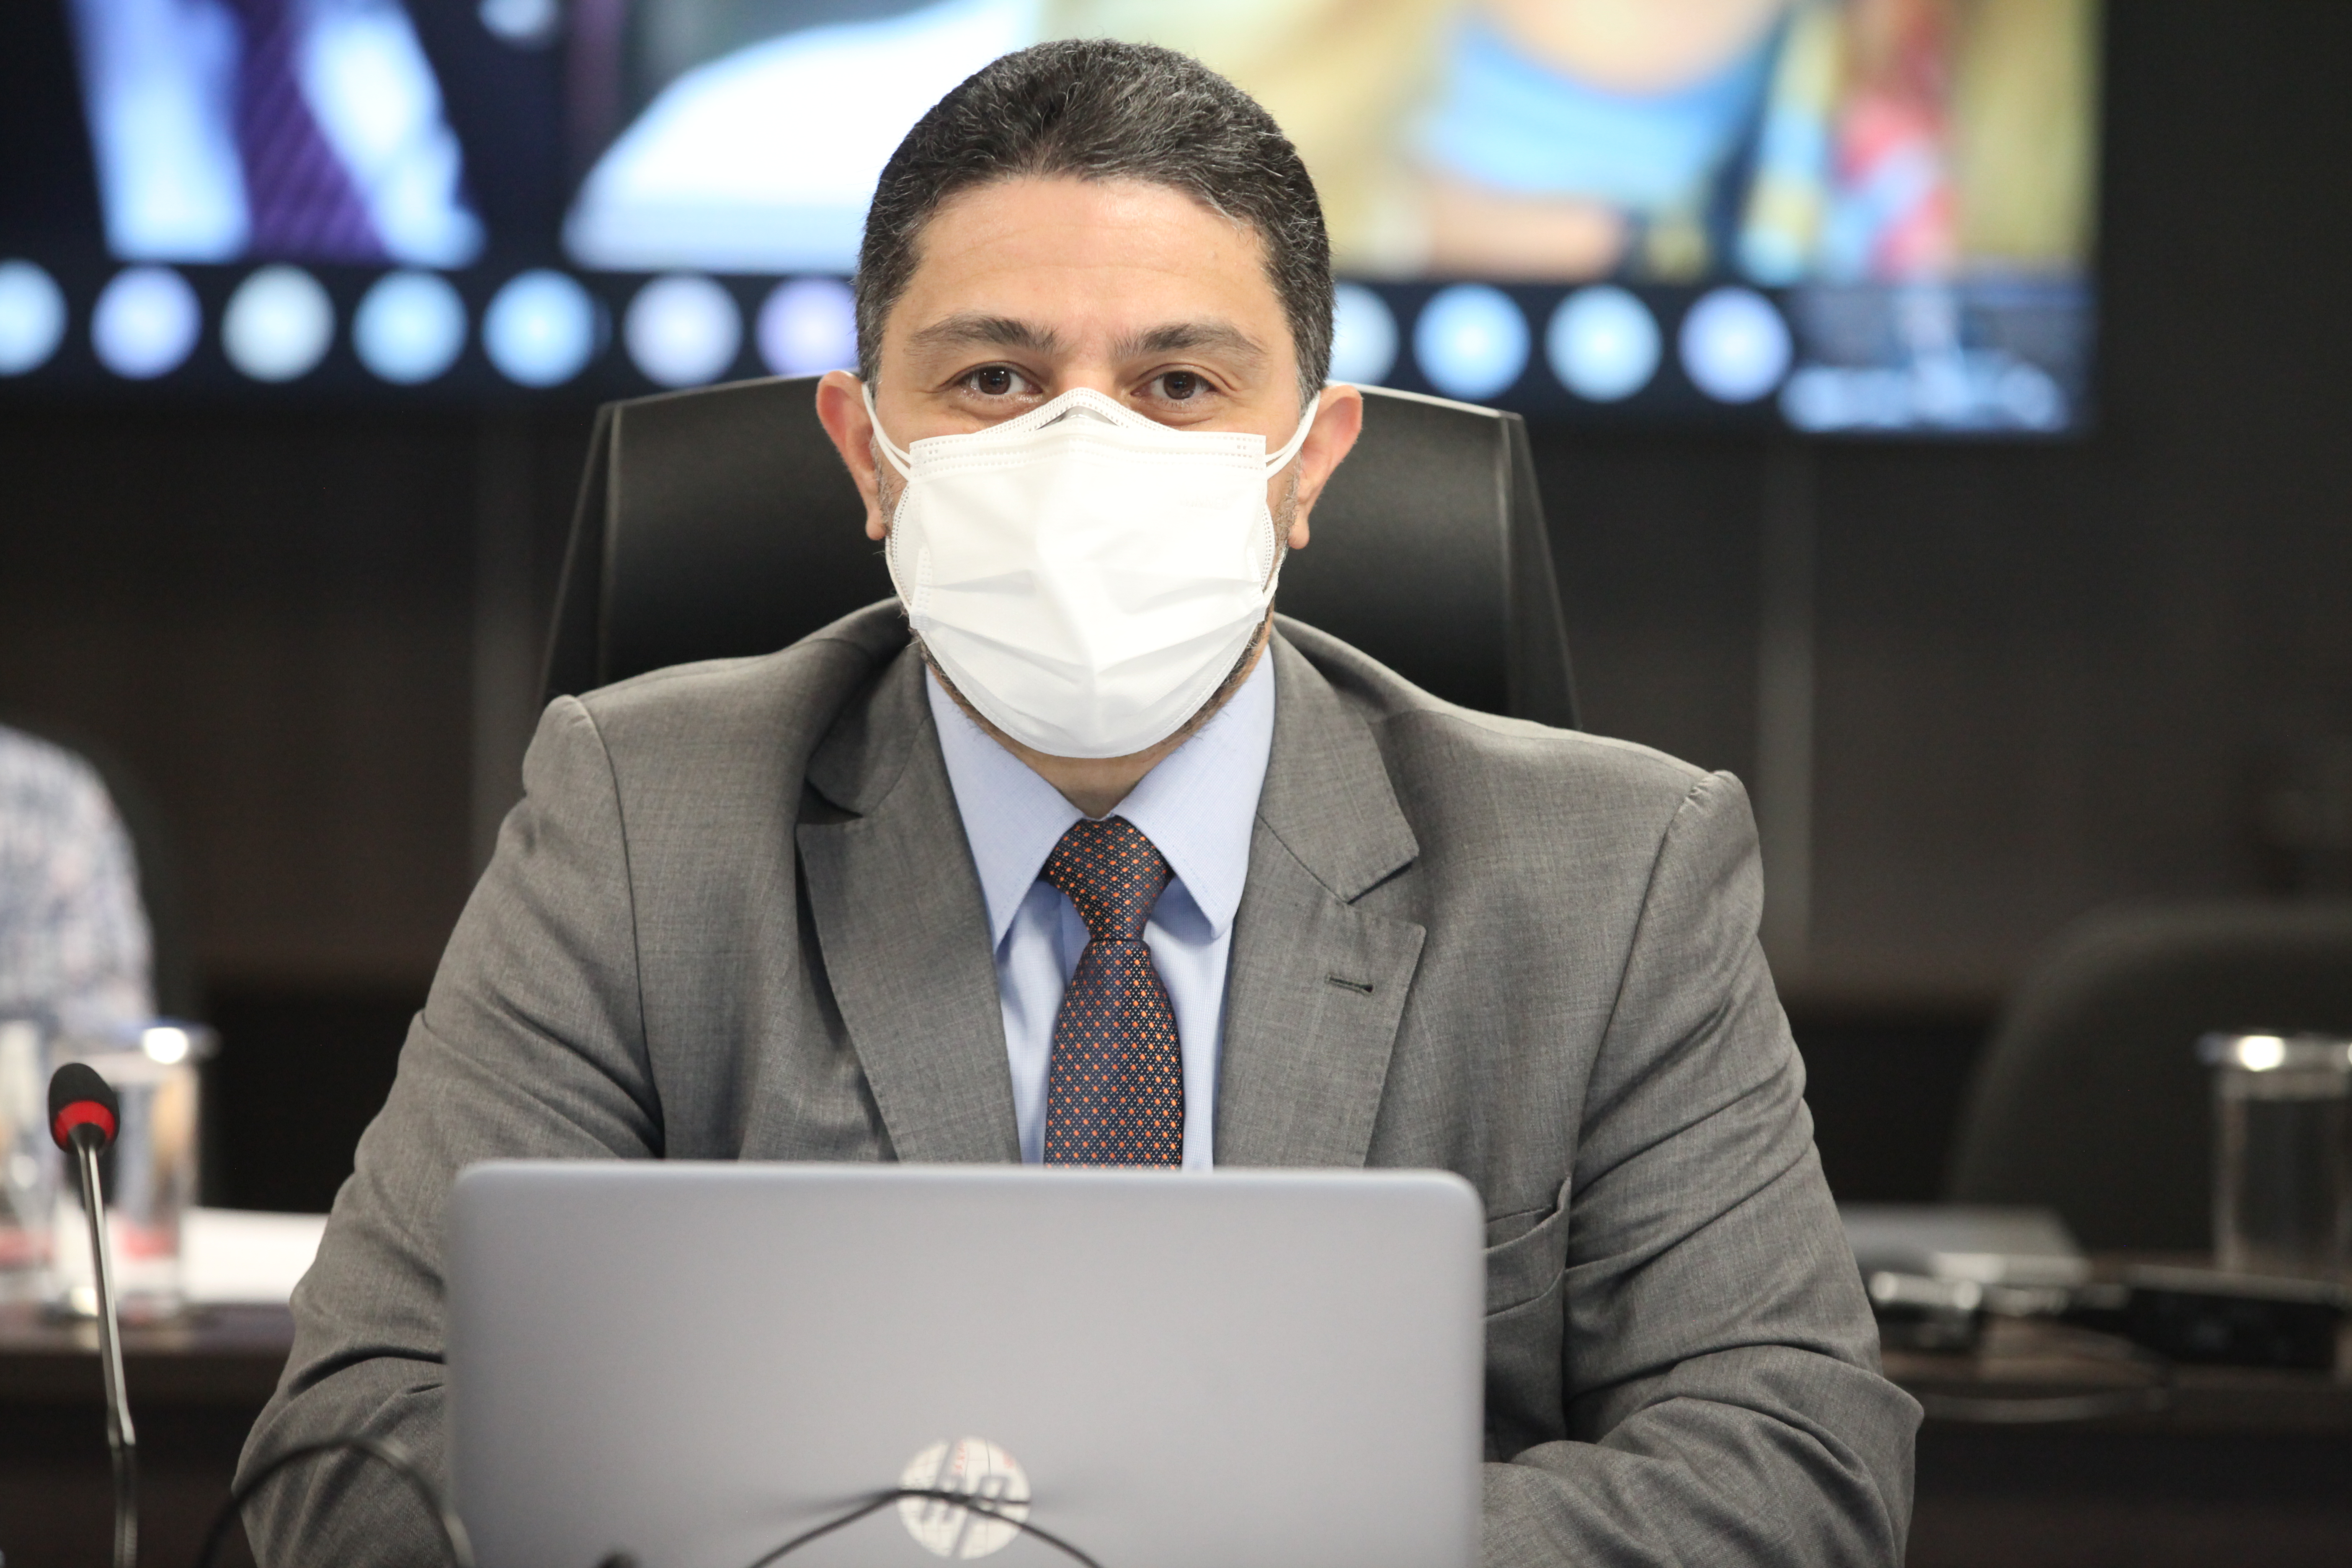 Foto do conselheiro Silvio Amorim durante sessão plenária